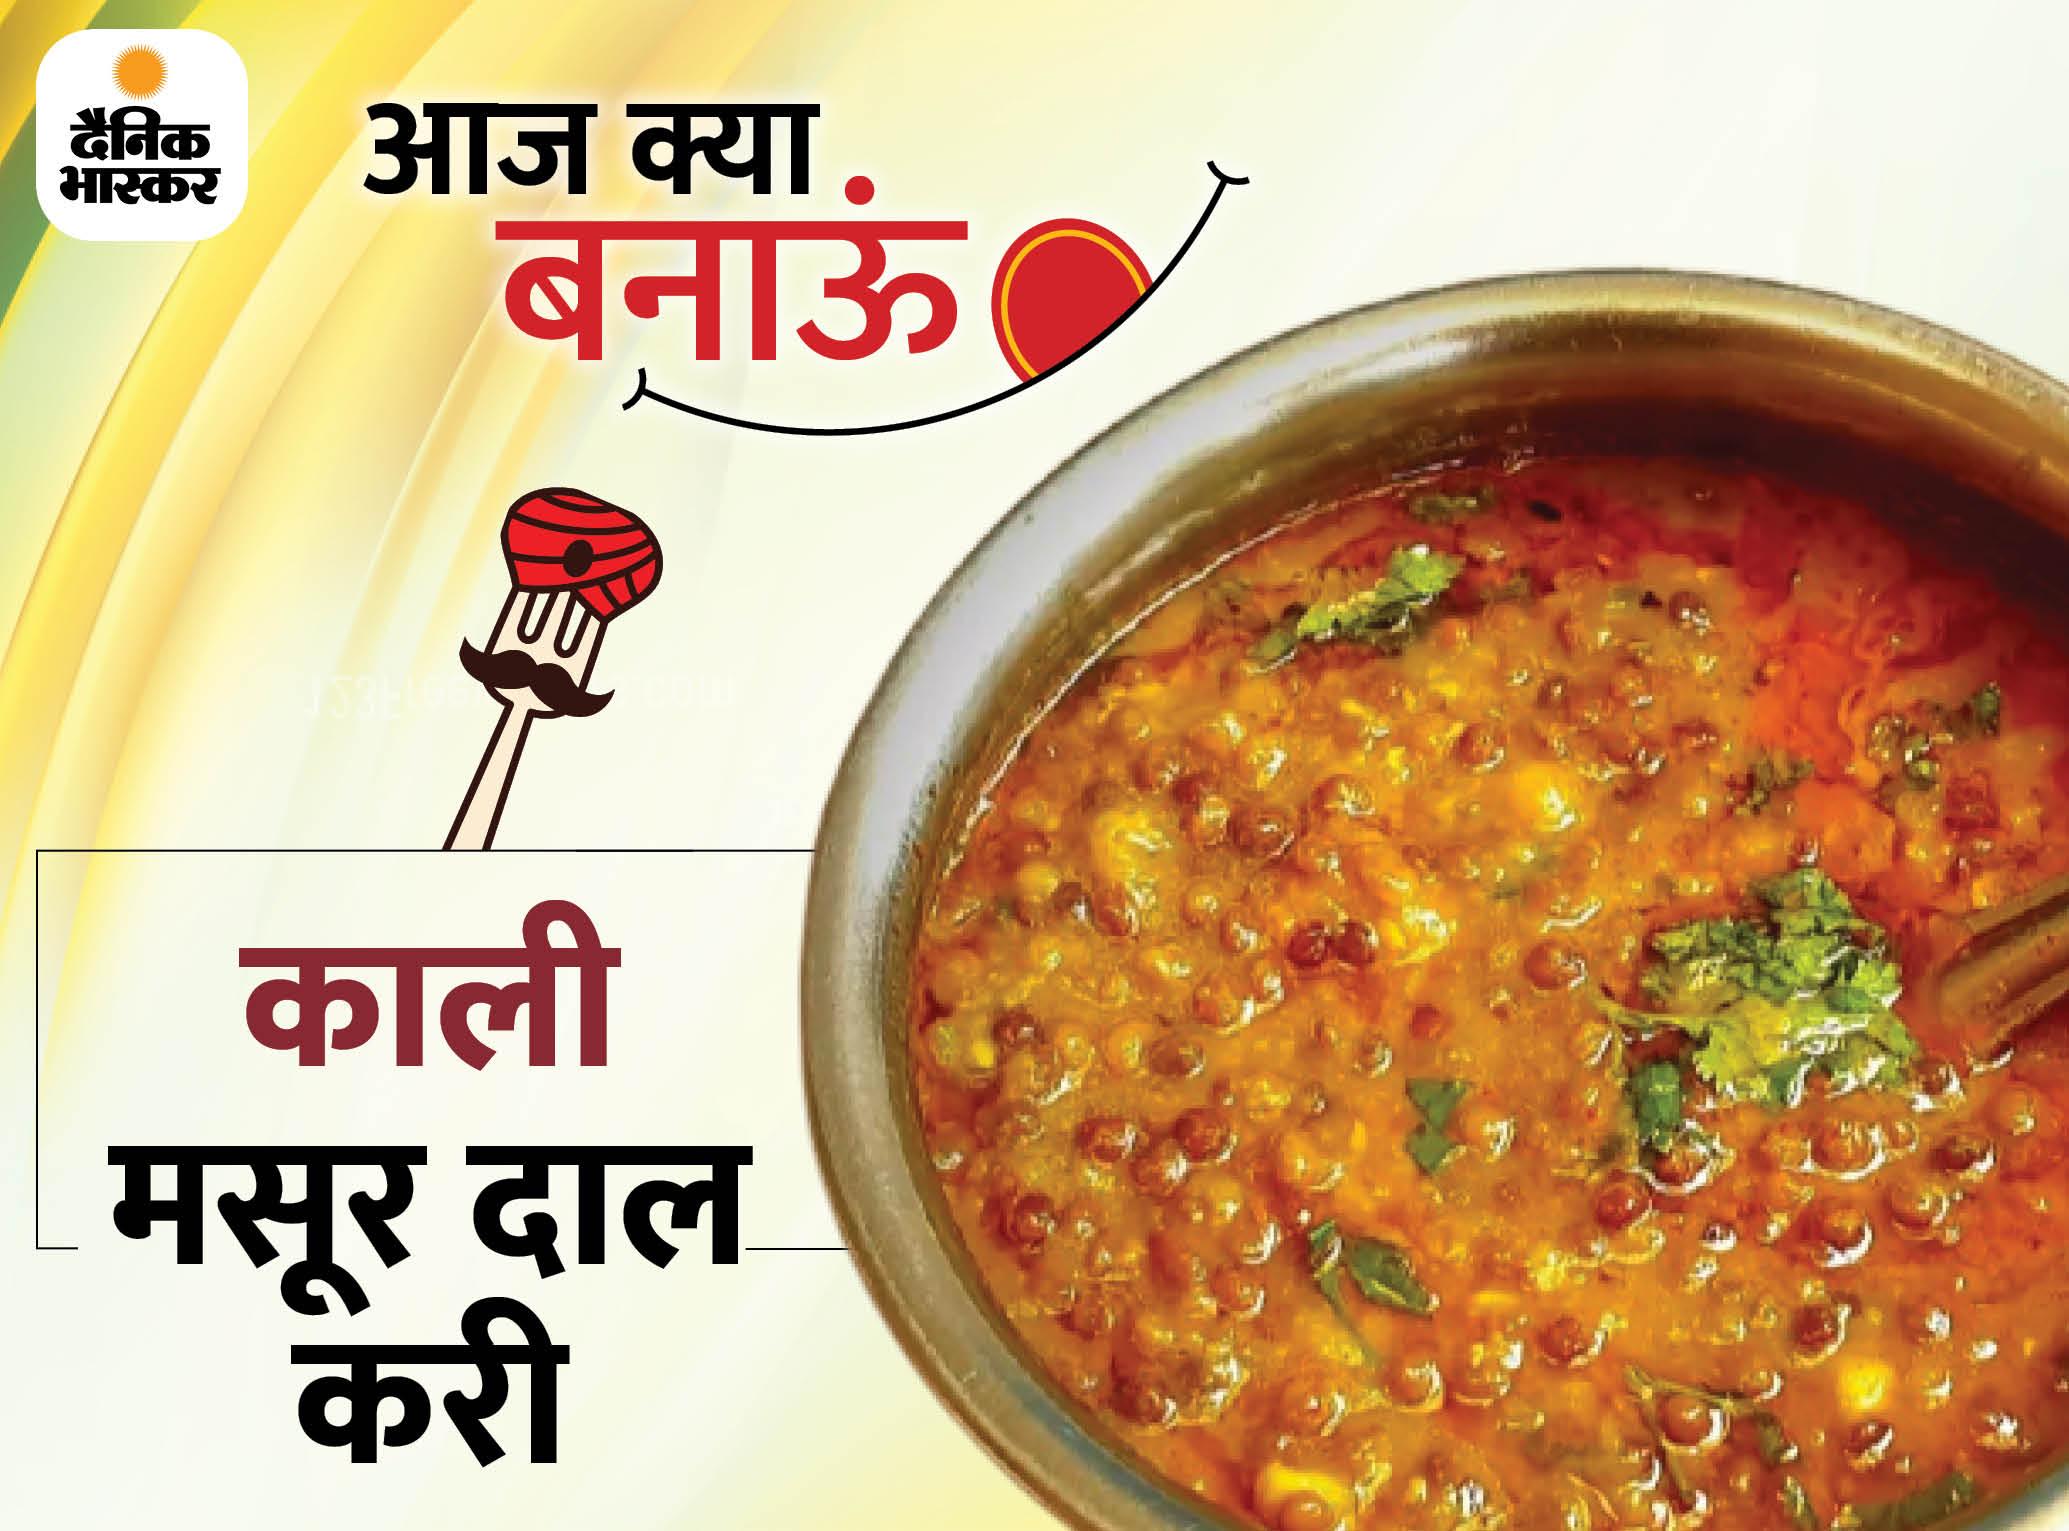 काली मसूर दाल करी बनाने की आसान रेसिपी, घर में सब करेंगे इसे बार-बार खाने की फरमाइश लाइफस्टाइल,Lifestyle - Dainik Bhaskar